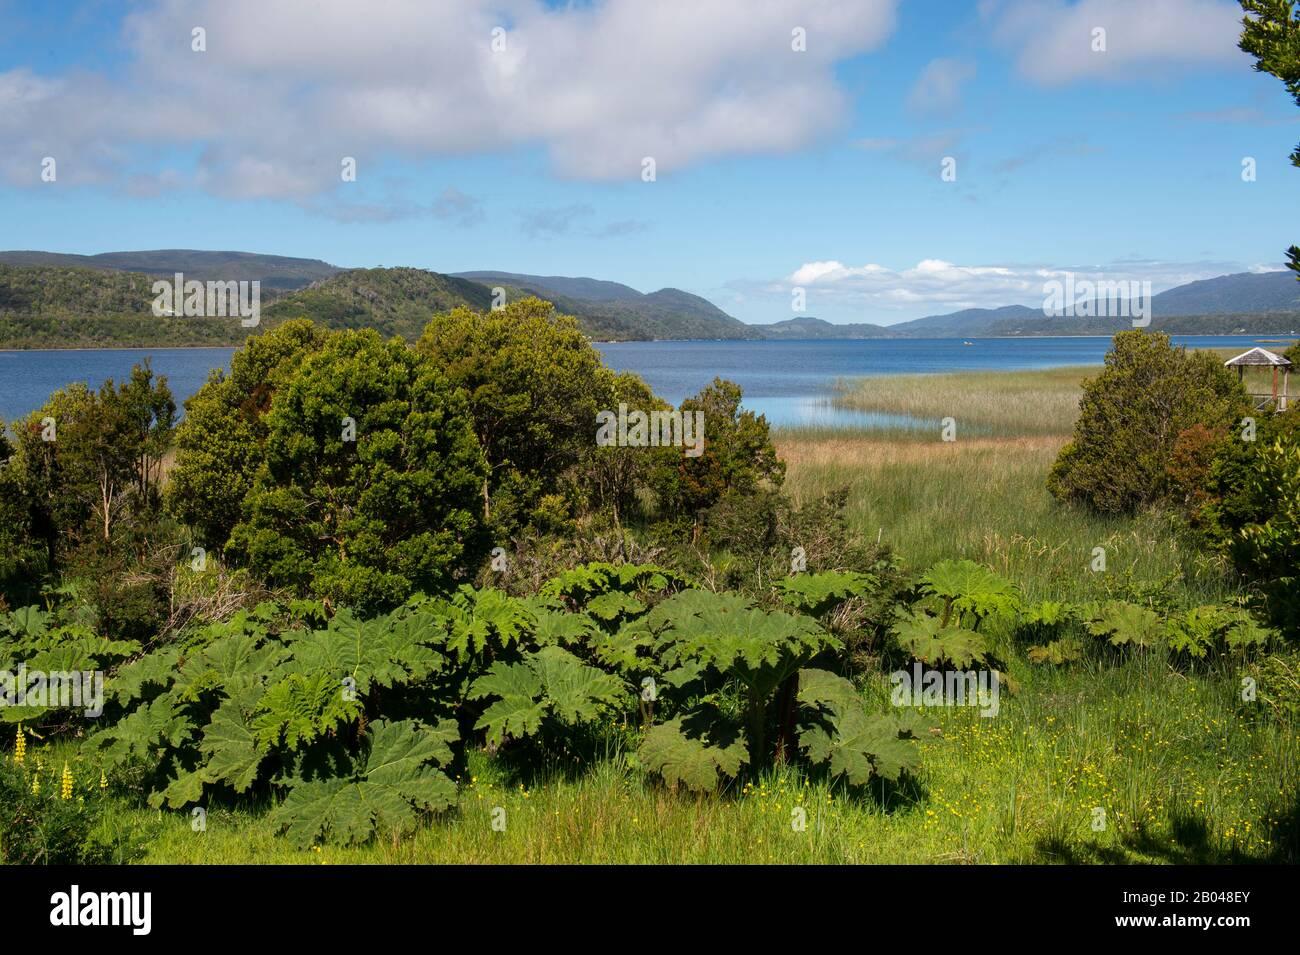 Plantes de Nalca (Gunnera tinctoria), la rhubarbe chilienne, sur le lac Cucao dans le parc national de Cucao Chiloe sur l'île de Chiloe, au Chili. Banque D'Images